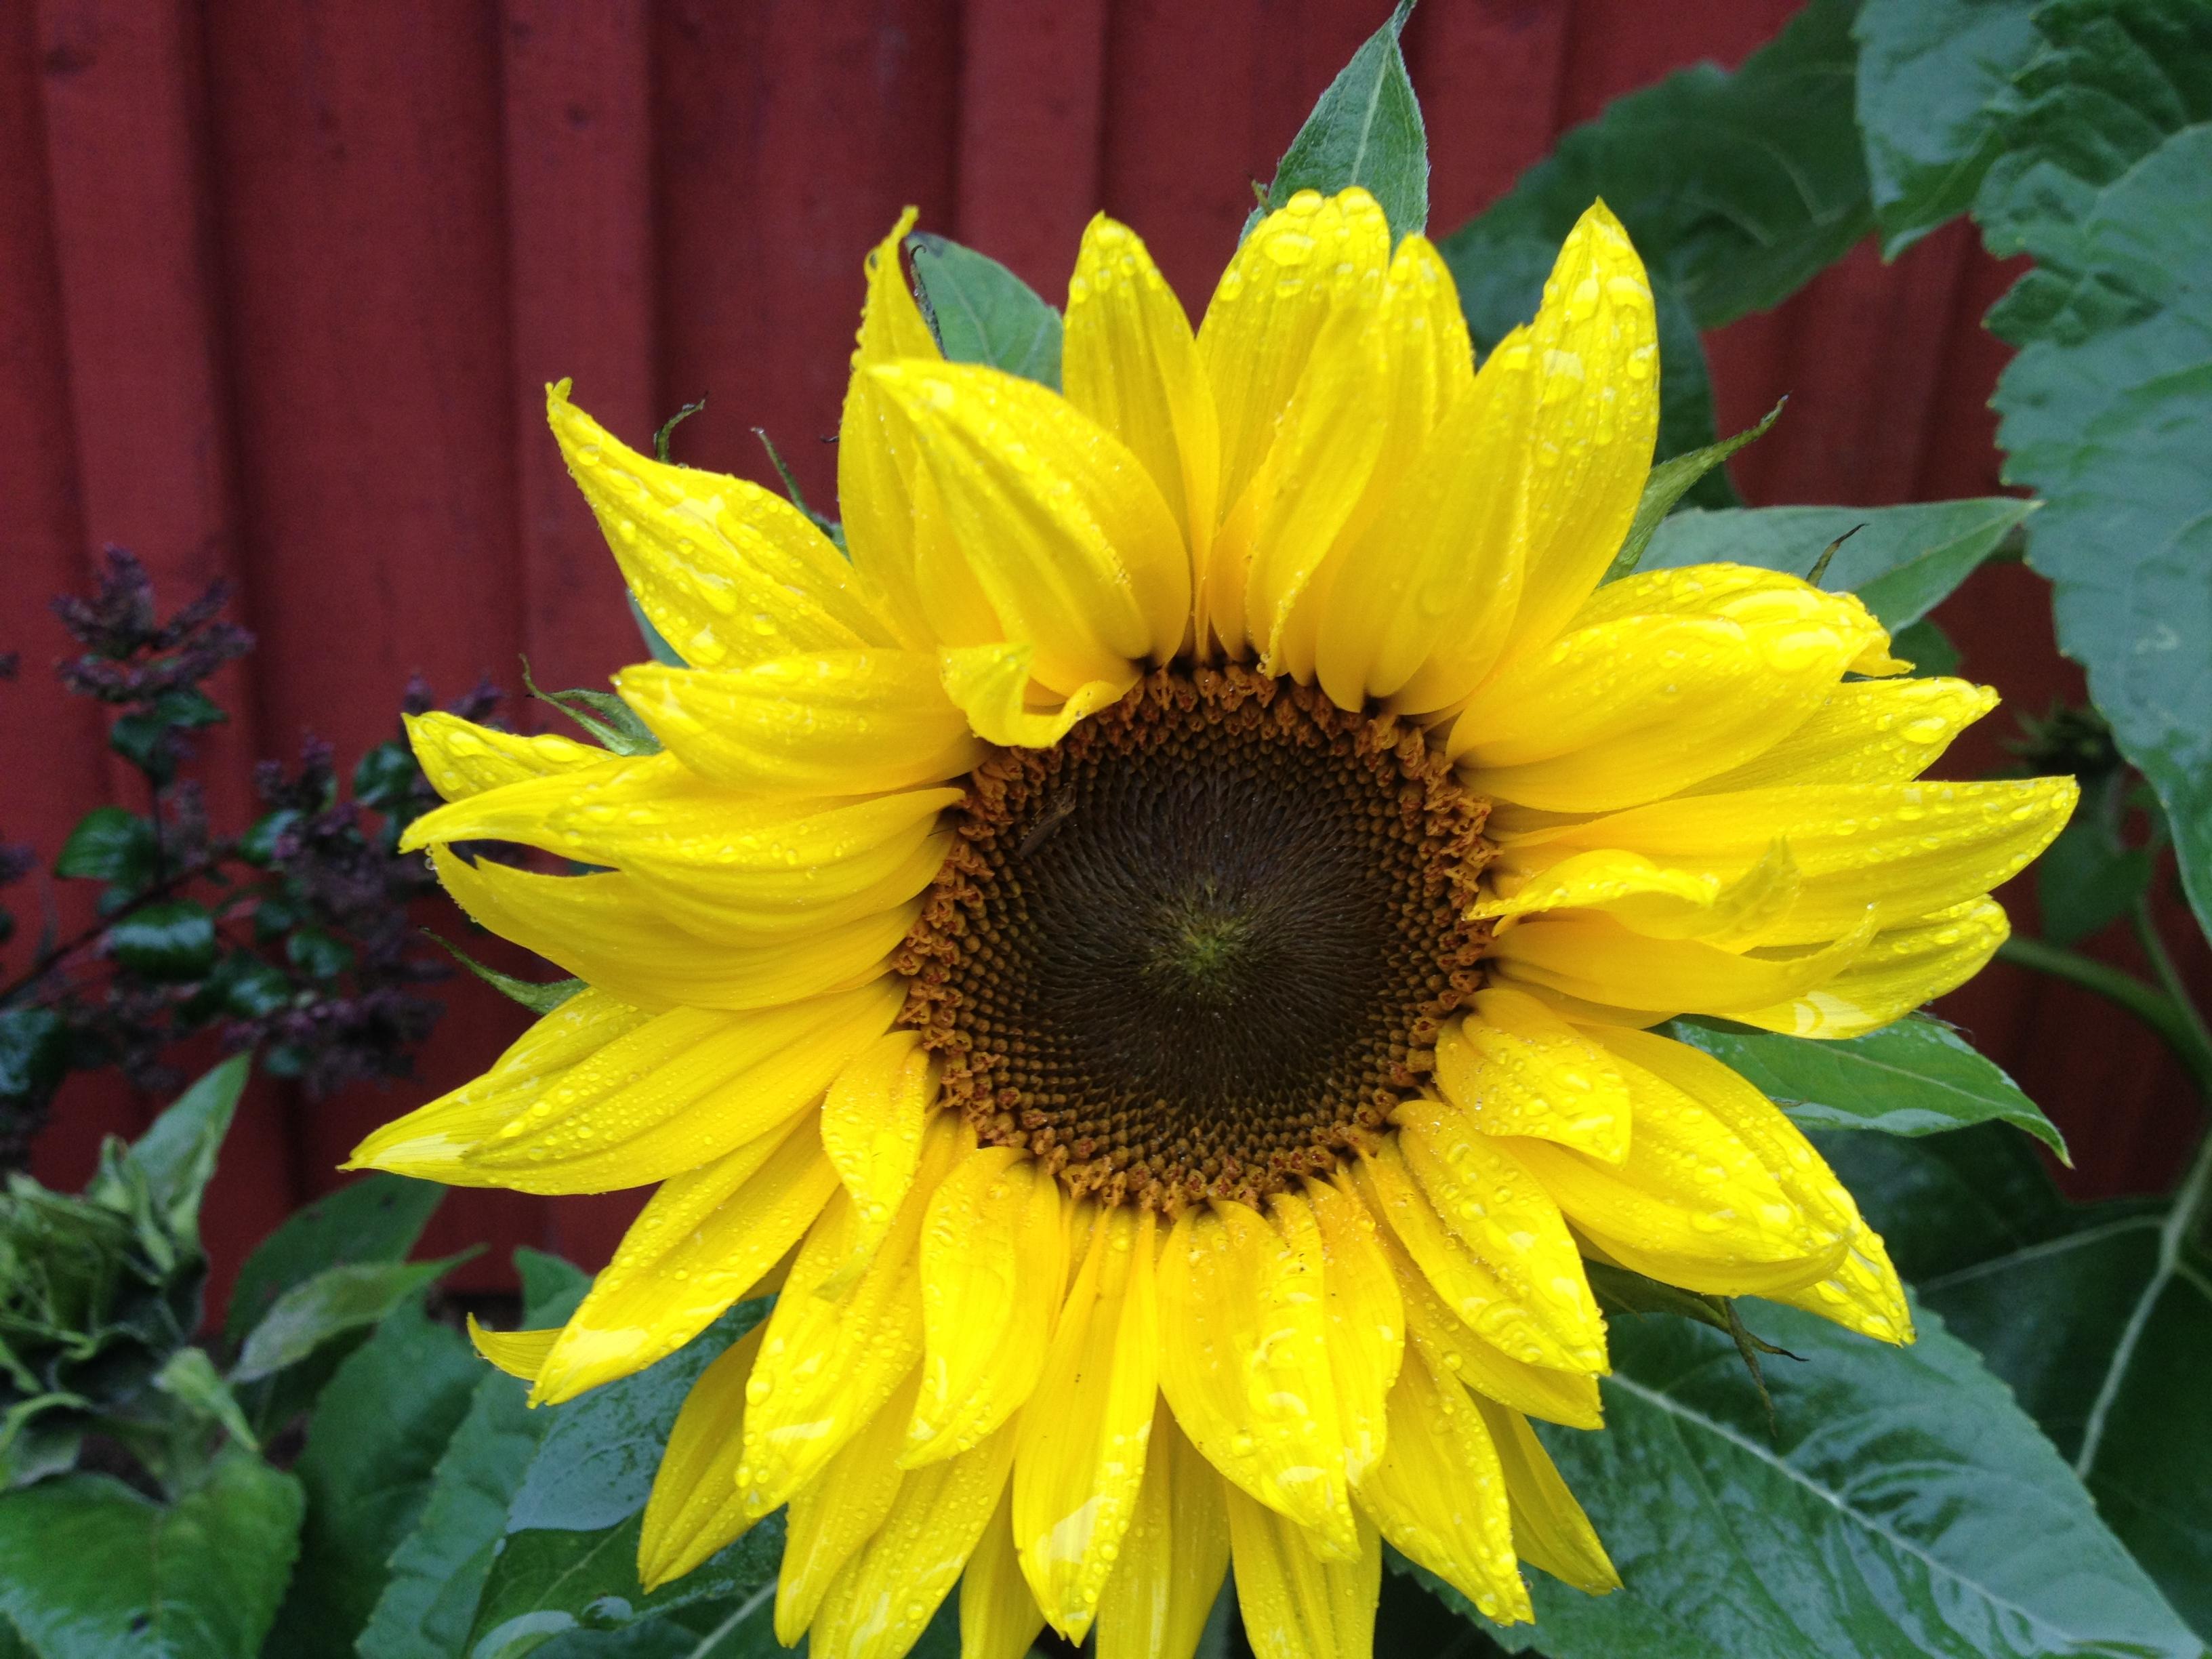 Och trots att löv dansar omkring en när man går, trots att regndroppar faller oftare, och trots att dagarna närmar sig vintern, kvarstår en lysande gul sommarblomma i slutet av september.